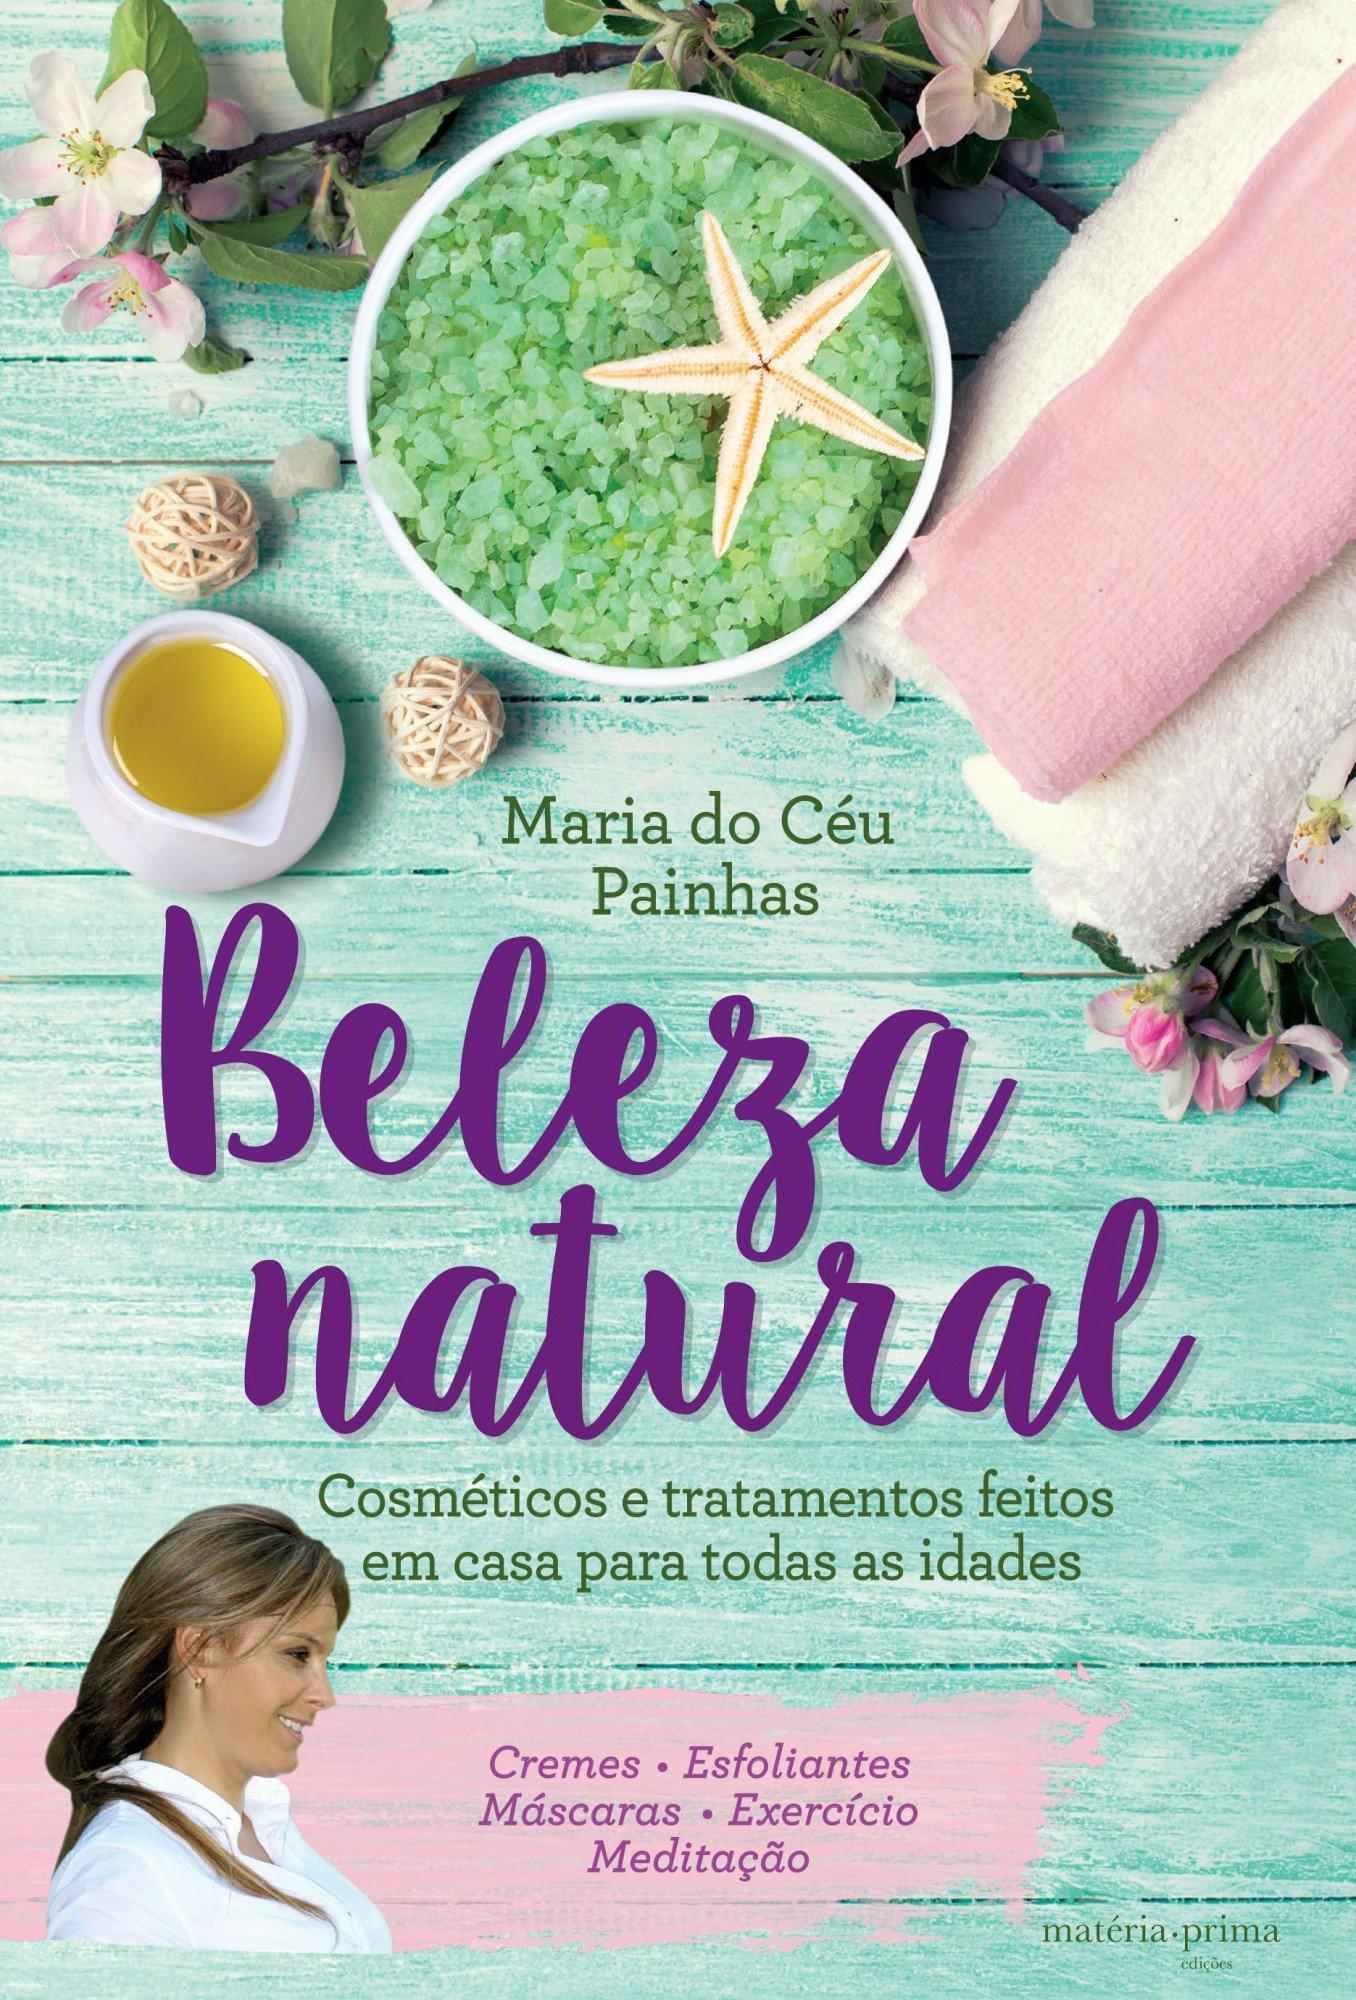 k_beleza_natural_v6